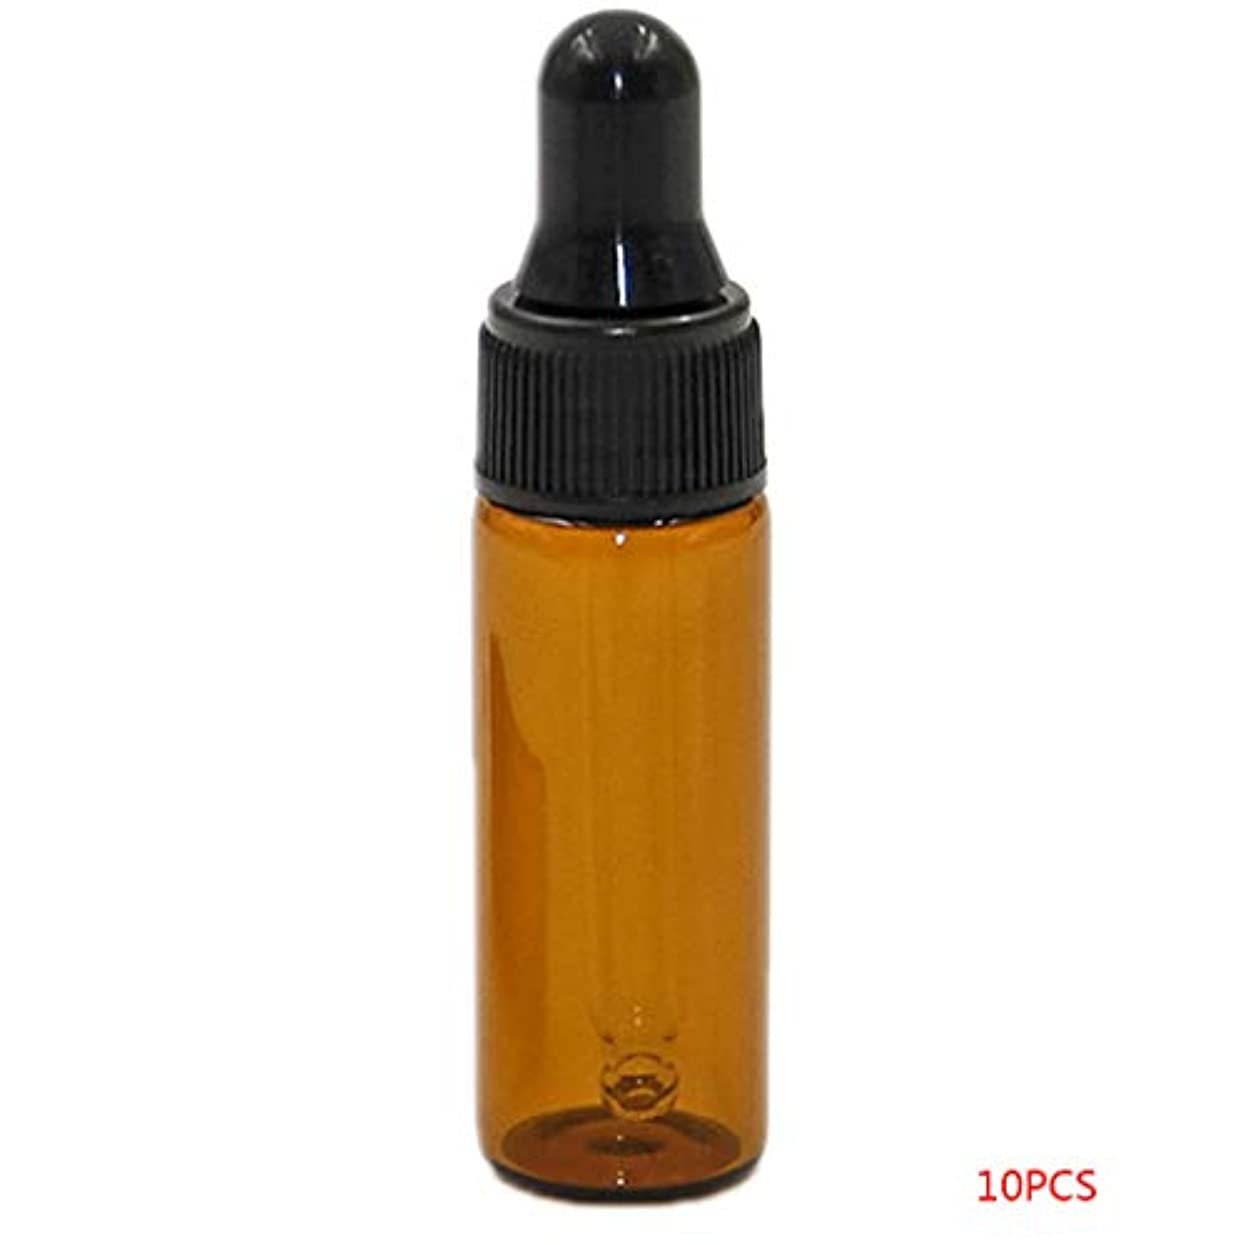 報復宝石マインドTopFires アロマオイル 精油 小分け用 遮光瓶 セット 茶 ガラス アロマ ボトル オイル 用 茶色 瓶 ビン エッセンシャルオイル 保存 詰替え 瓶 ビン